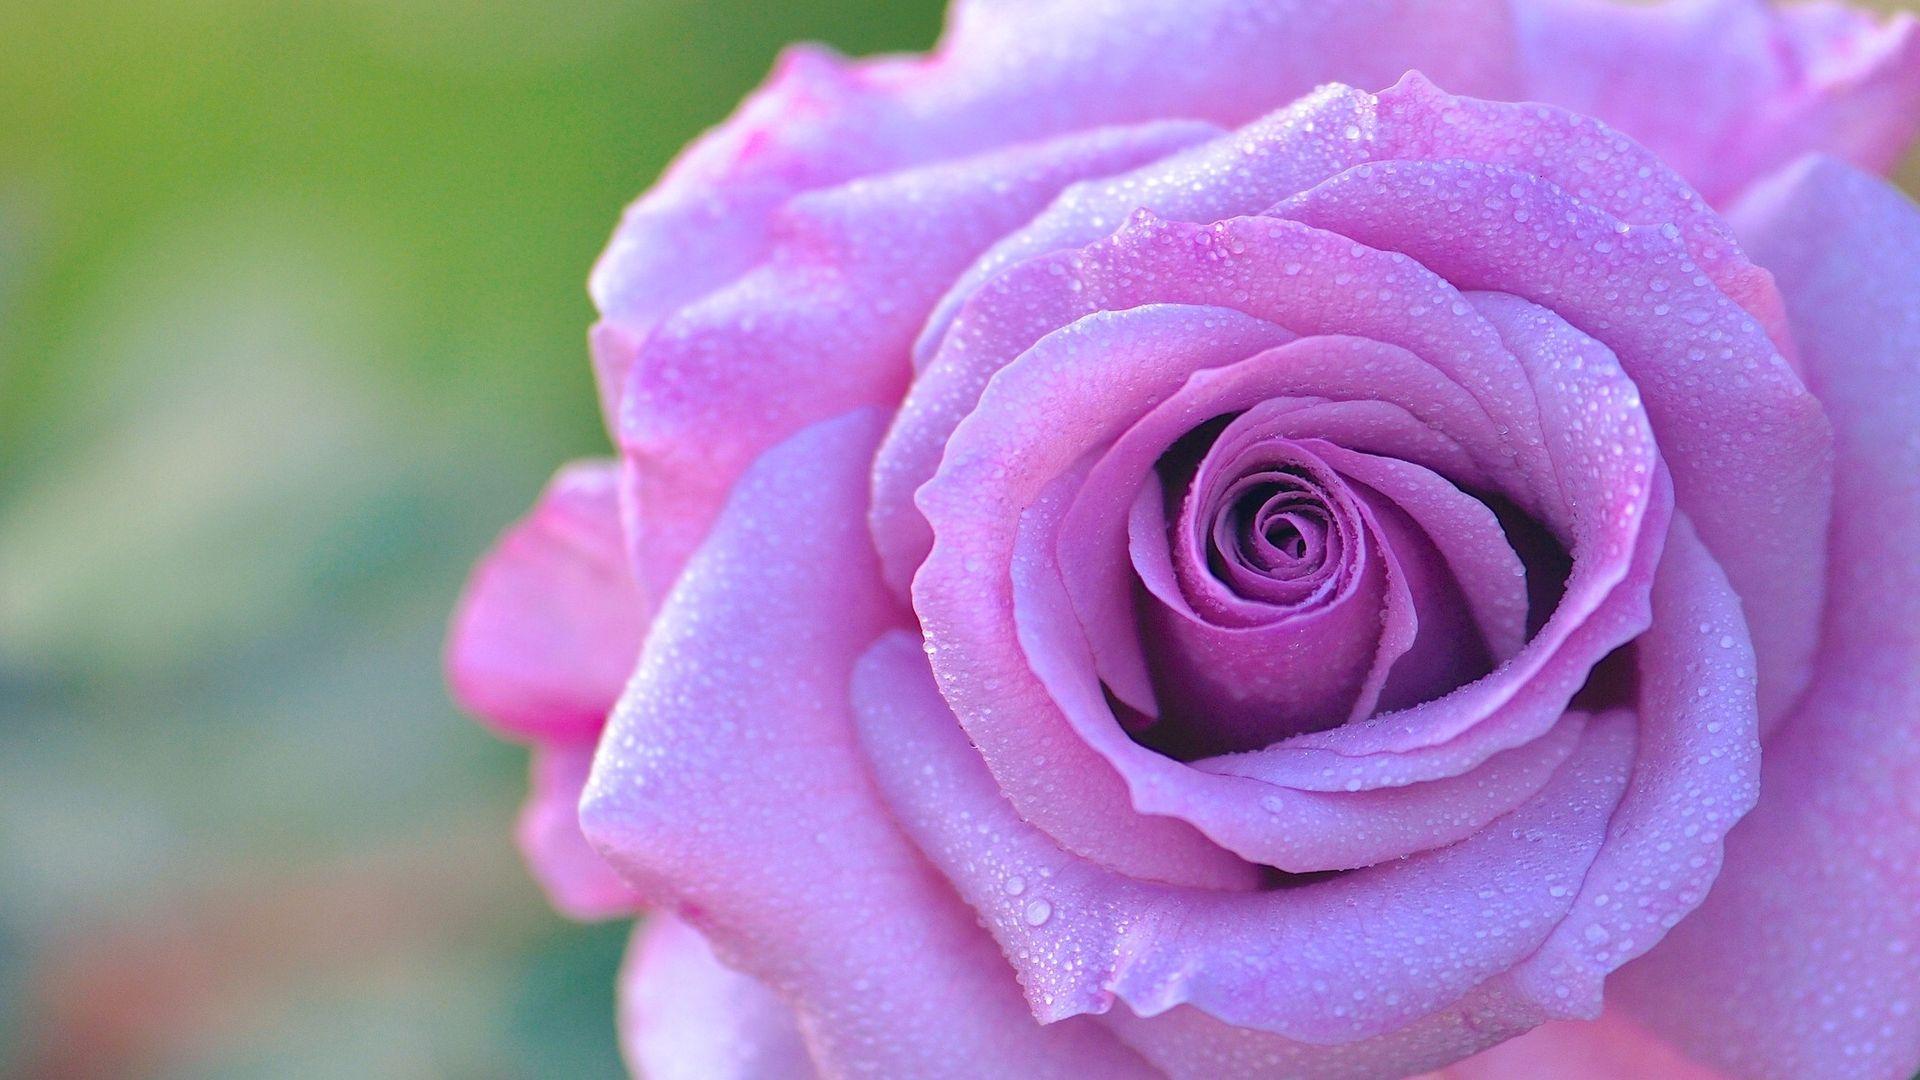 роза одна лиловая картинка сказал, что цветом